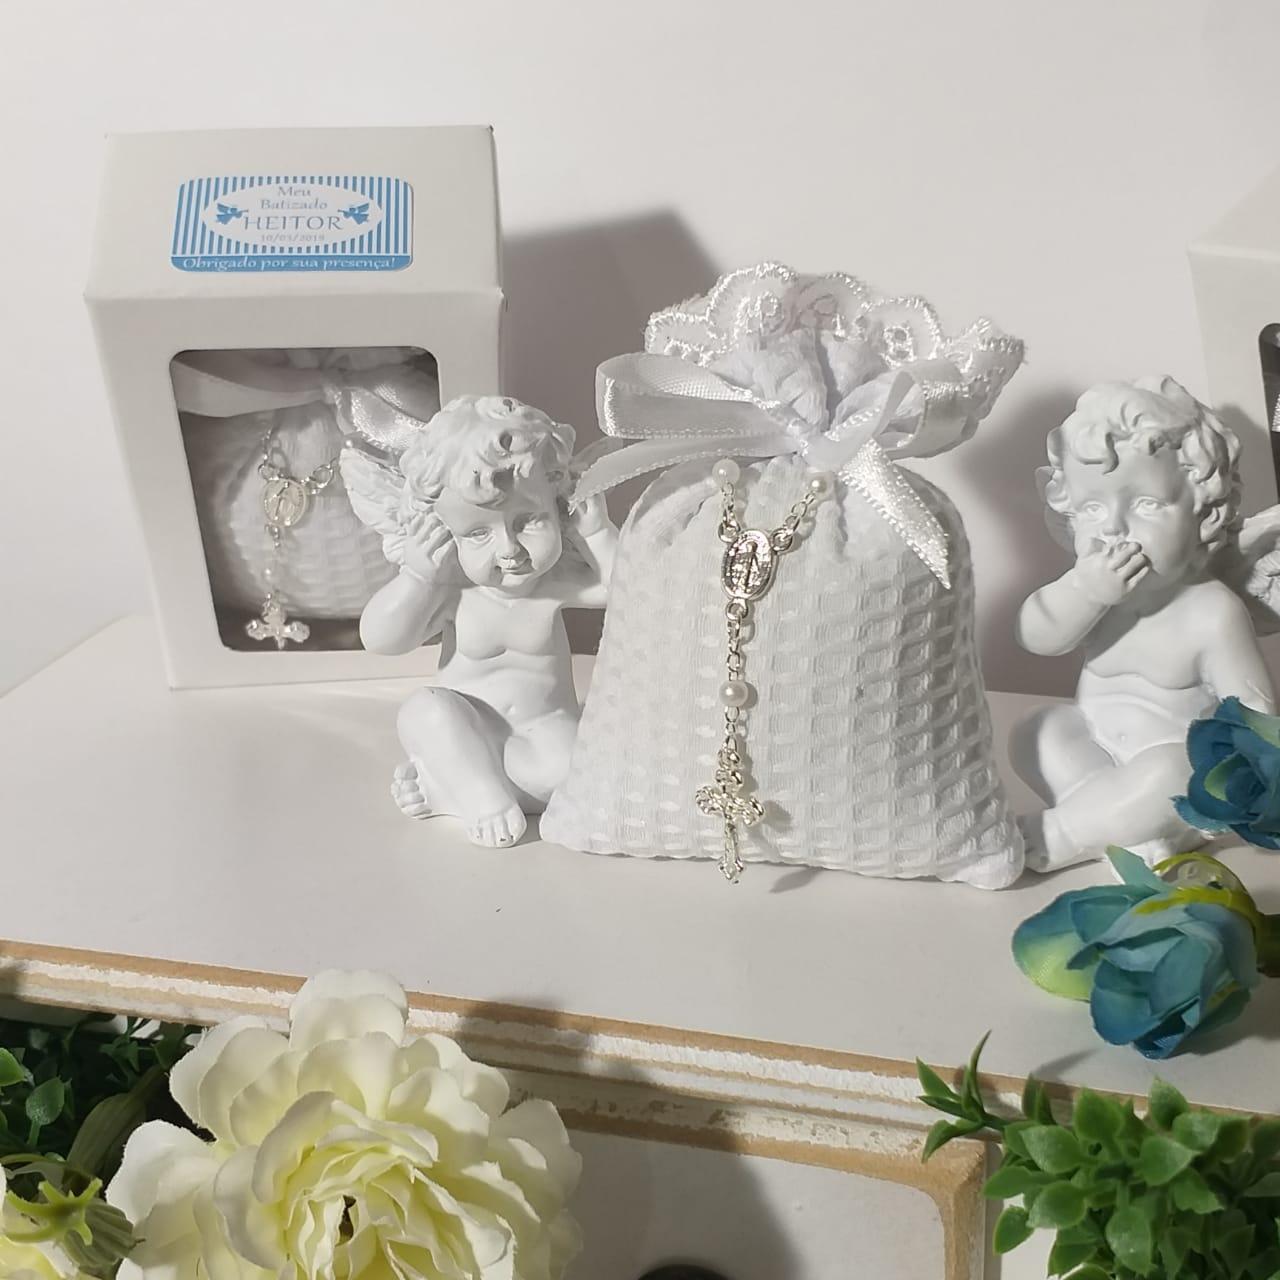 Sachê Perfumado com Mini Terço na Caixinha Personalizada Batizado e Maternidade Pronta Entrega